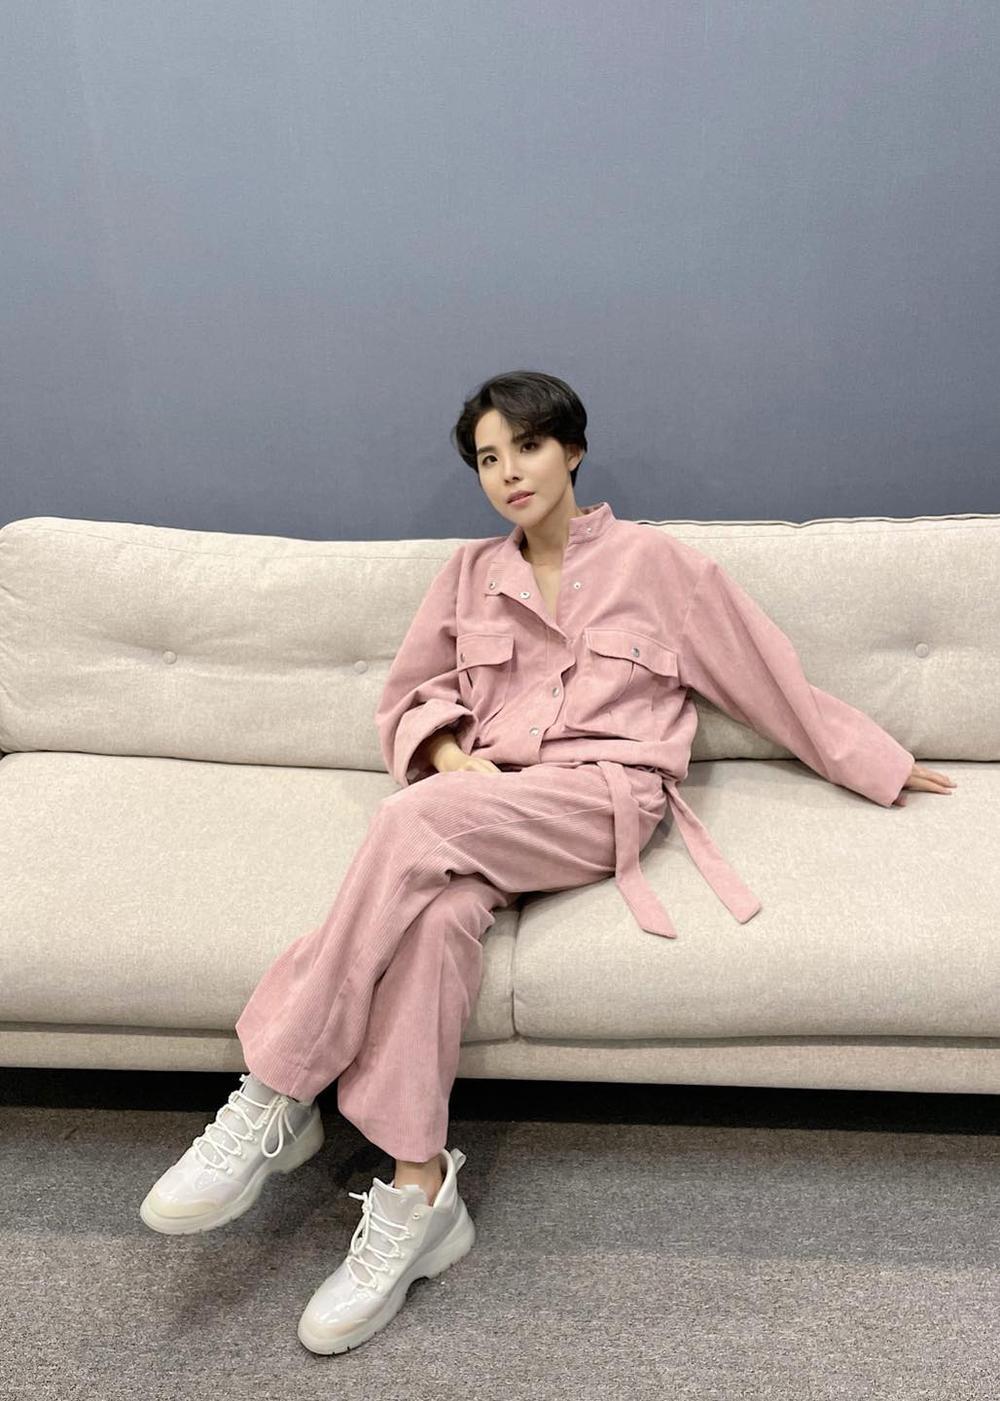 Tung 'hint' comeback bí ẩn, Vũ Cát Tường để fan đoán tên bài mới và 'cái kết' mặn mà Ảnh 3